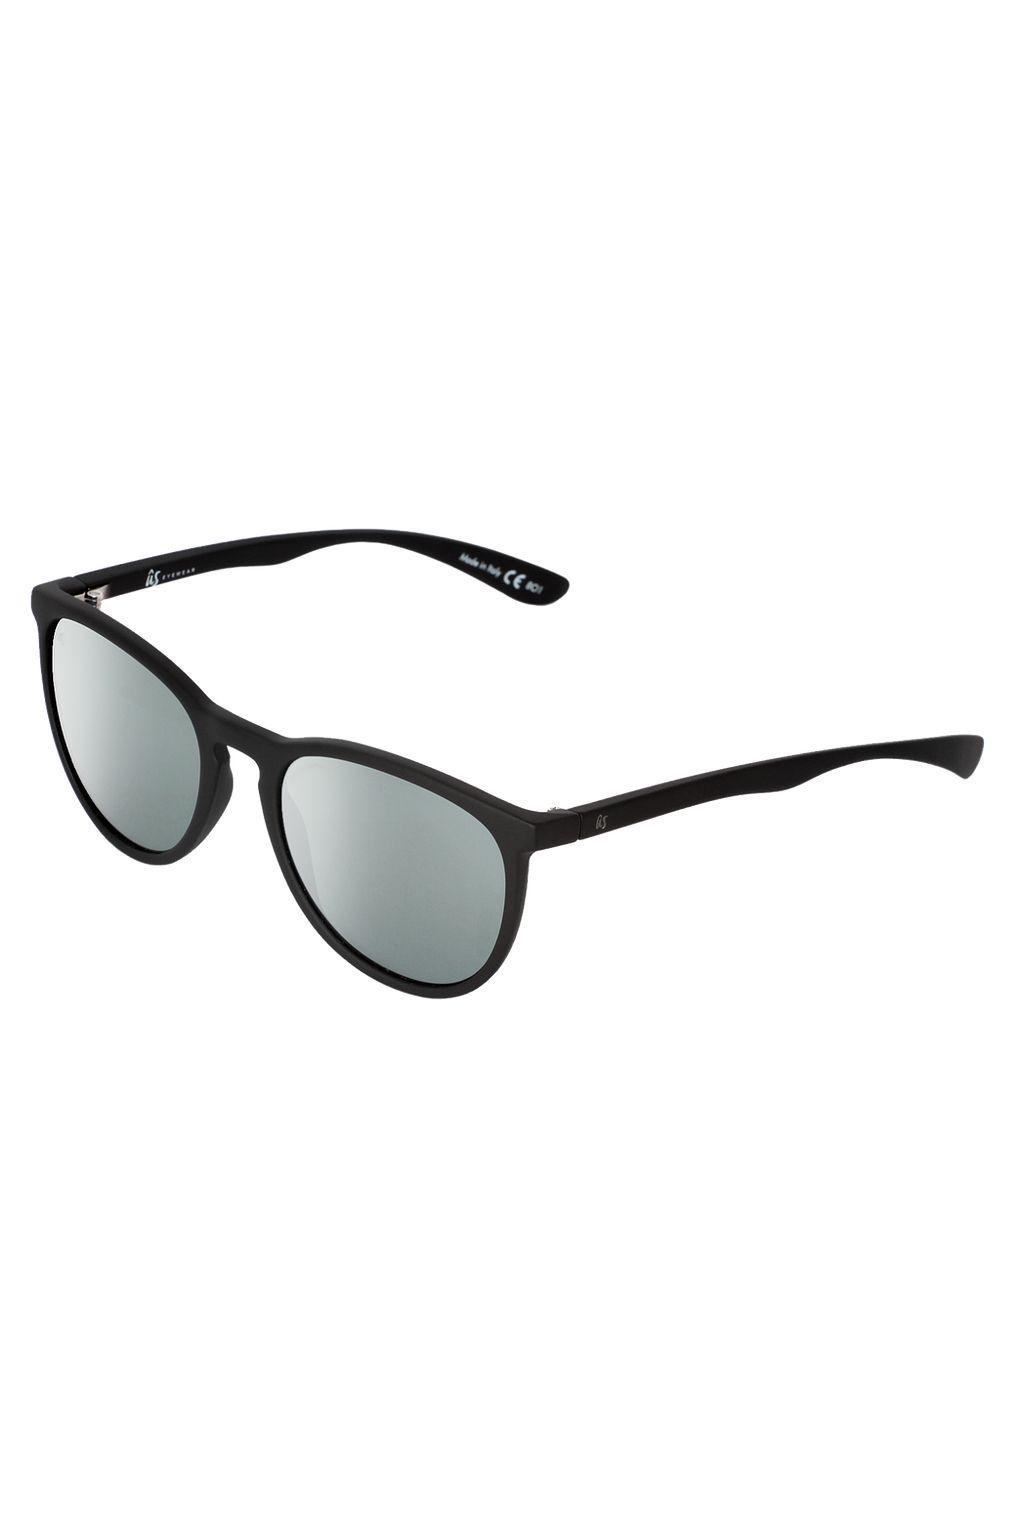 US Sunglasses NOBIS Matte Black/Vintage Grey Silver Chrome